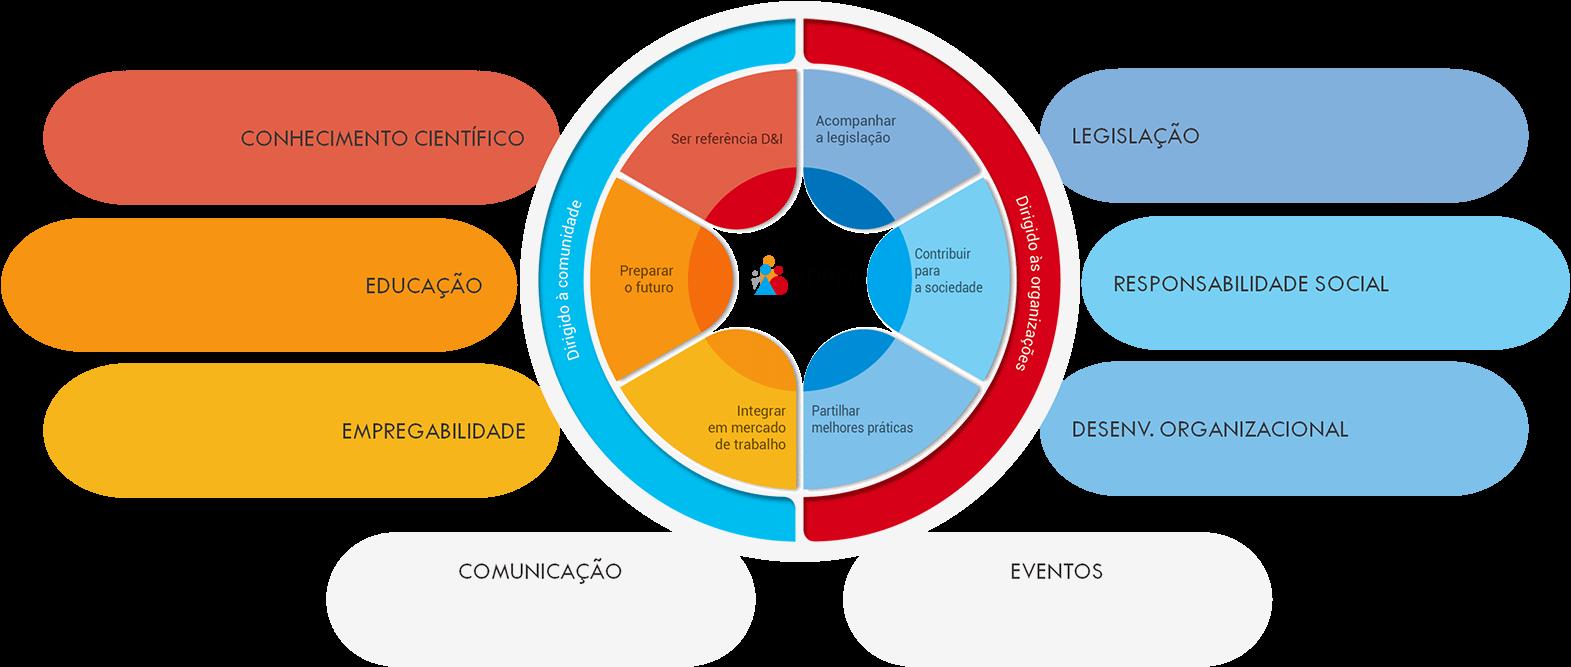 Gráfico circular com a estratégia da ação da A.P.P.D.I.: No eixo dirigido à comunidade, existem os seguintes eixos: 1) Ser Referência Diversidade e Inclusão. 2) Preparar o Futuro. 3) Integrar em mercado de trabalho. E no eixo dirigido às organizações encontram-se os seguintes eixos: 1) Acompanhar a Legislação. 2) Contribuir para a Sociedade. 3) Partilhar Melhores Práticas. [object object] Como funciona a Carta Portuguesa para a Diversidade grupostrabalho